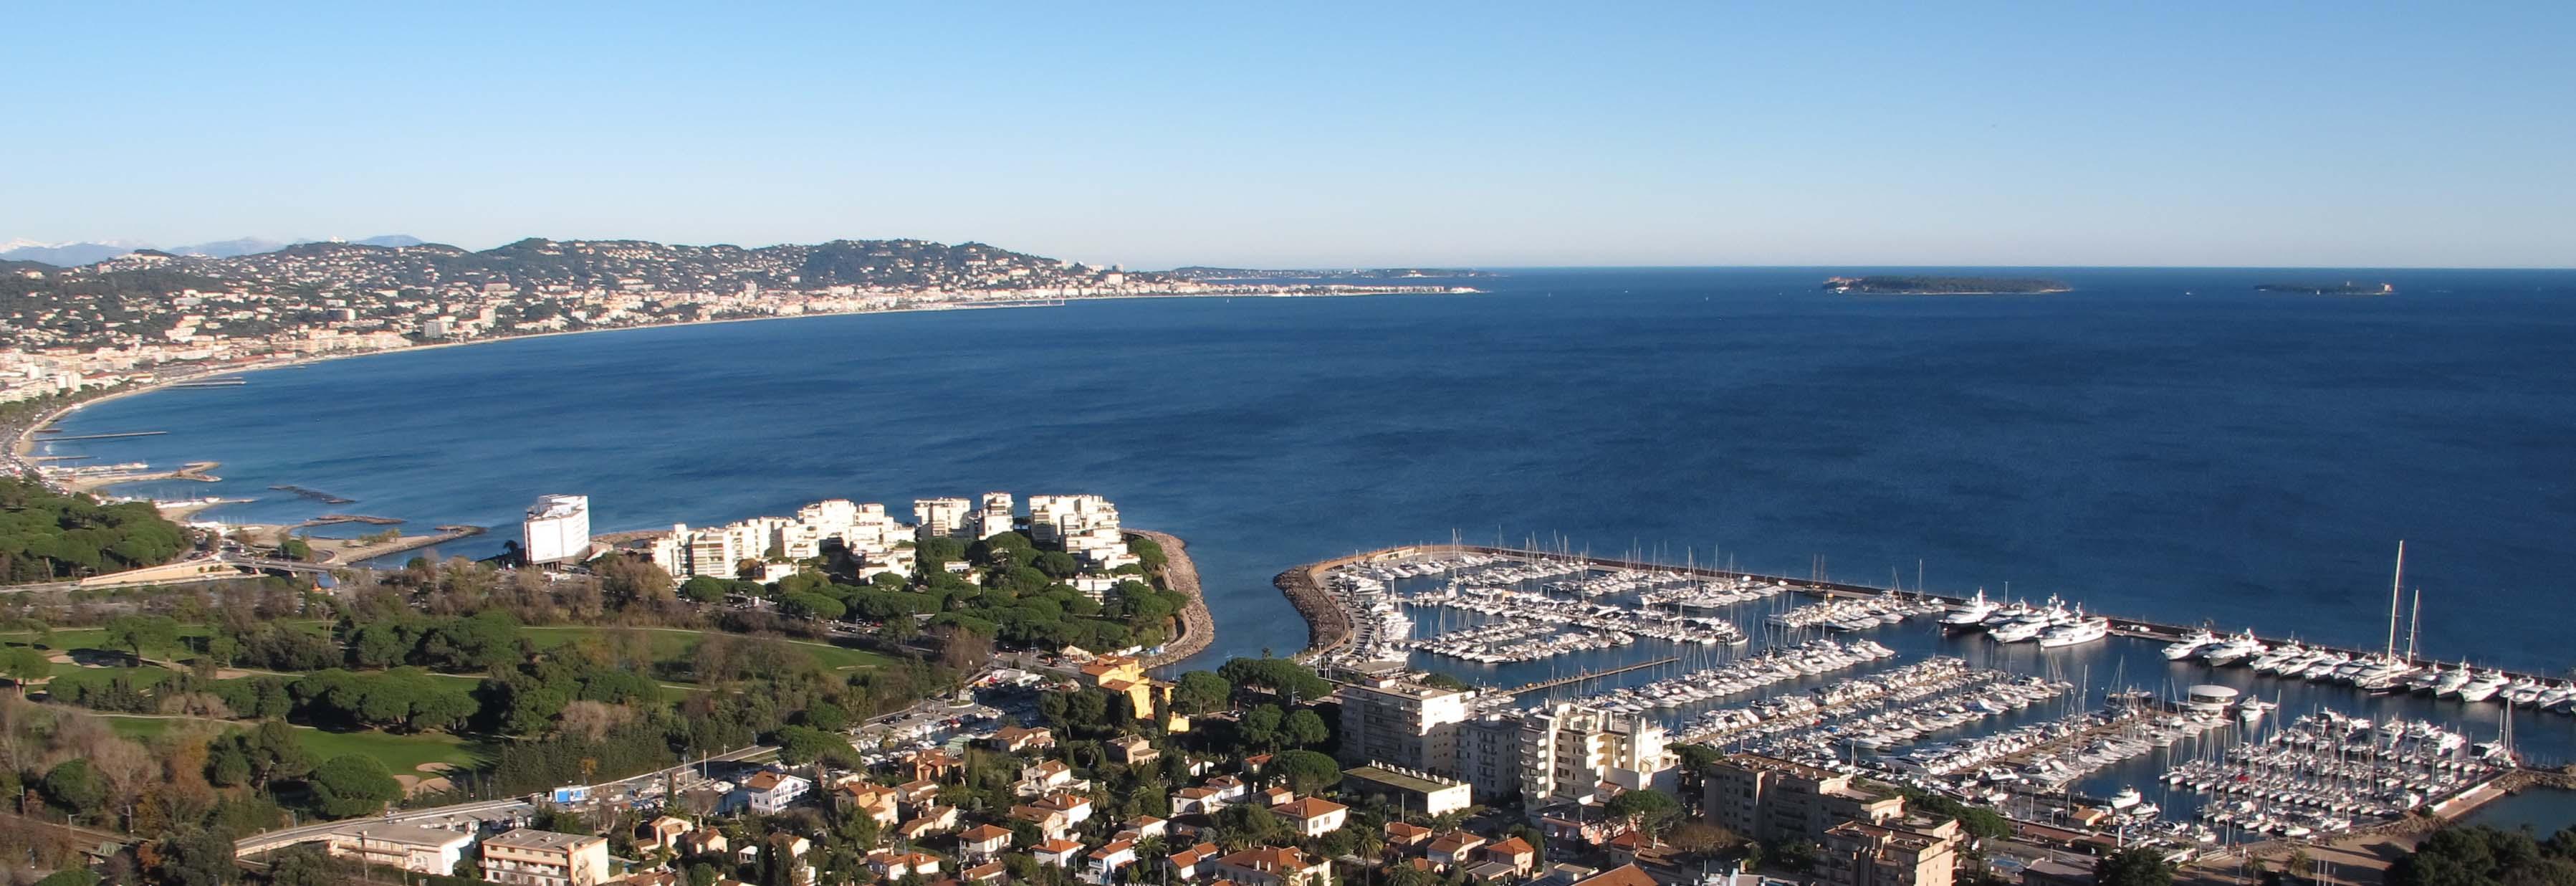 File golfe de la napoule france wikimedia commons - Mandelieu la napoule office du tourisme ...